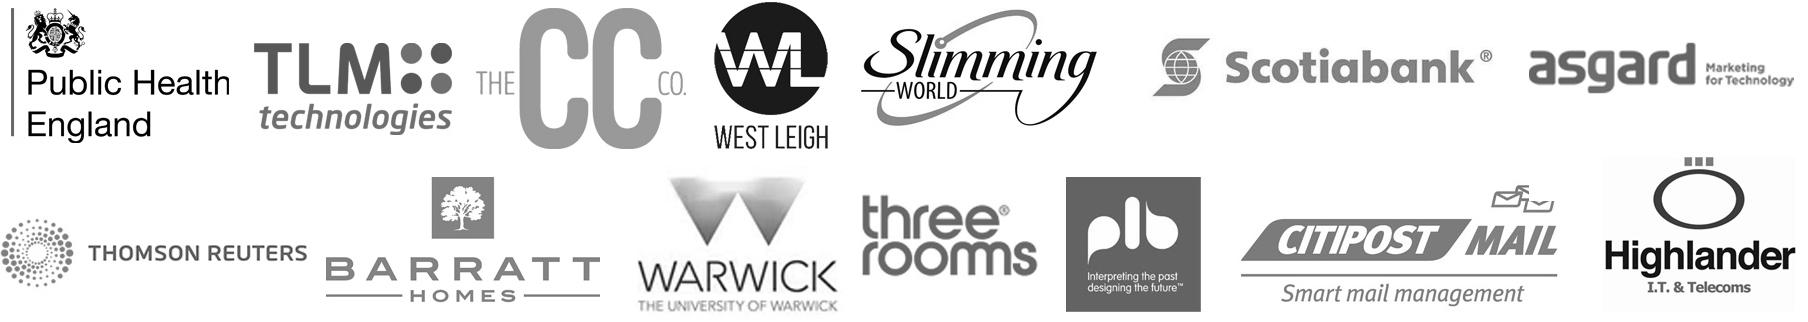 chris-fossey-commercial-photographer-birmingham-warwickshire-midlands-uk-recent-companies